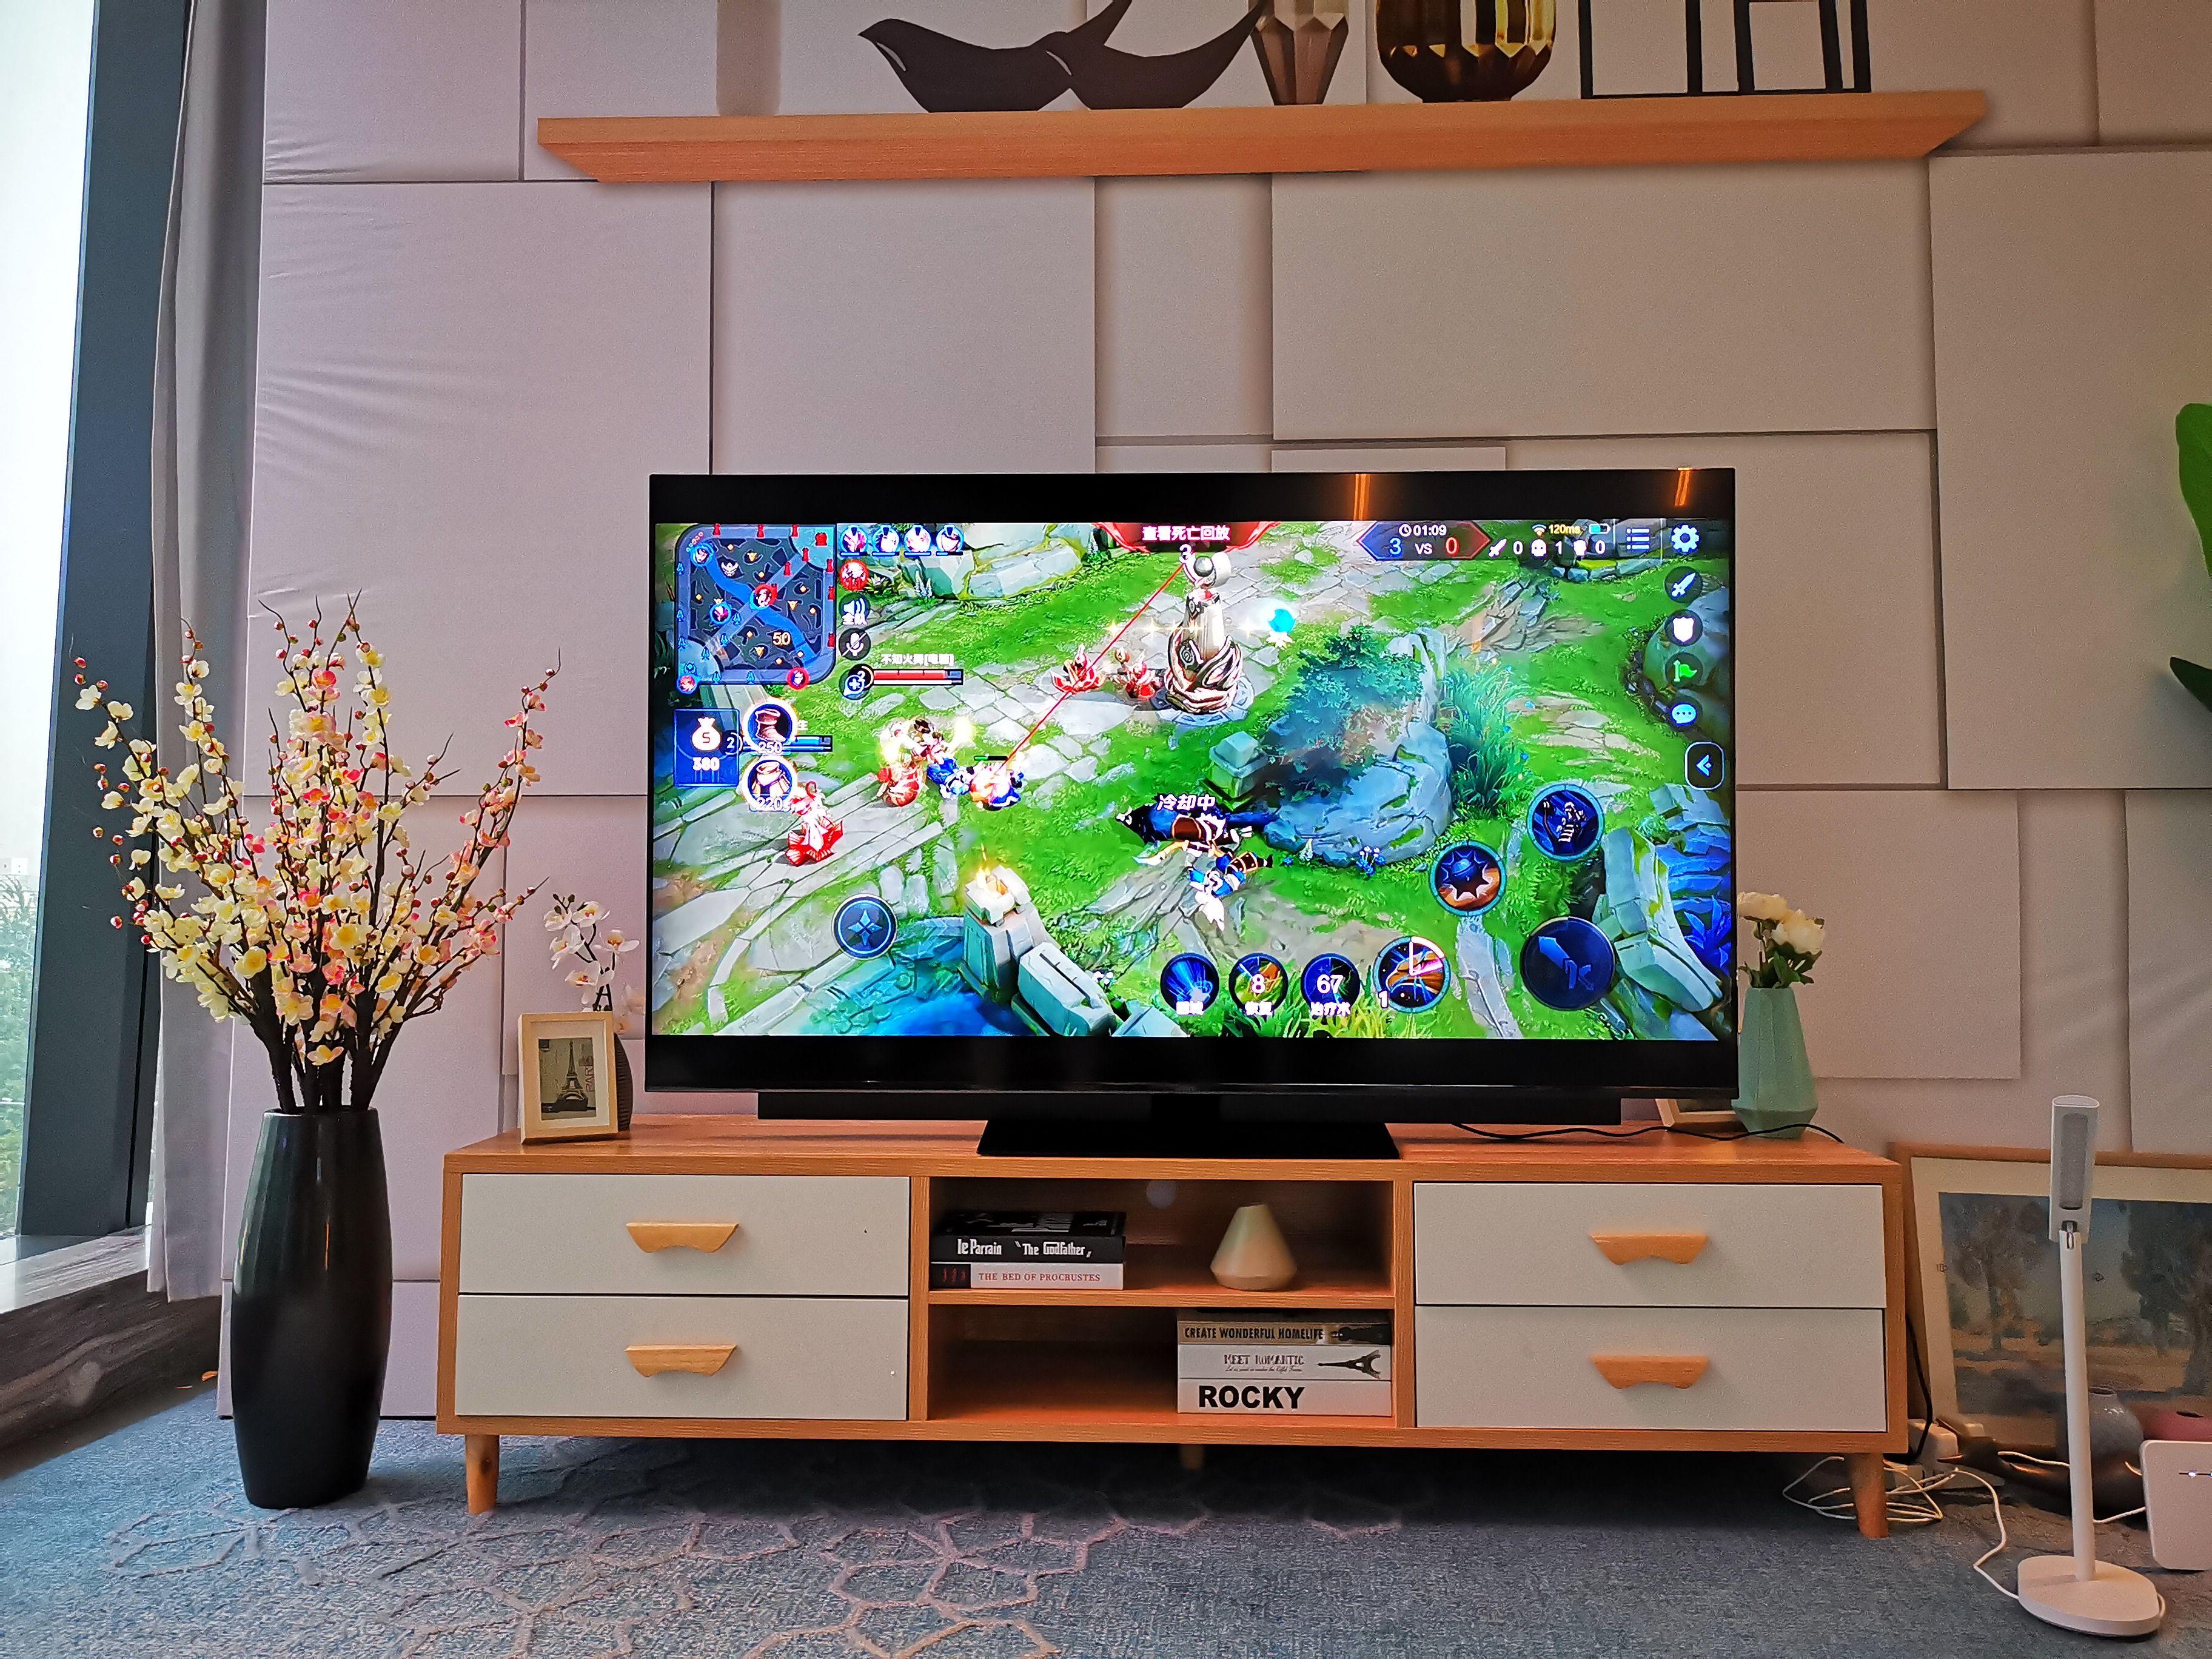 华为智慧屏评测:4K量子点屏幕+AI慧眼+投屏游戏